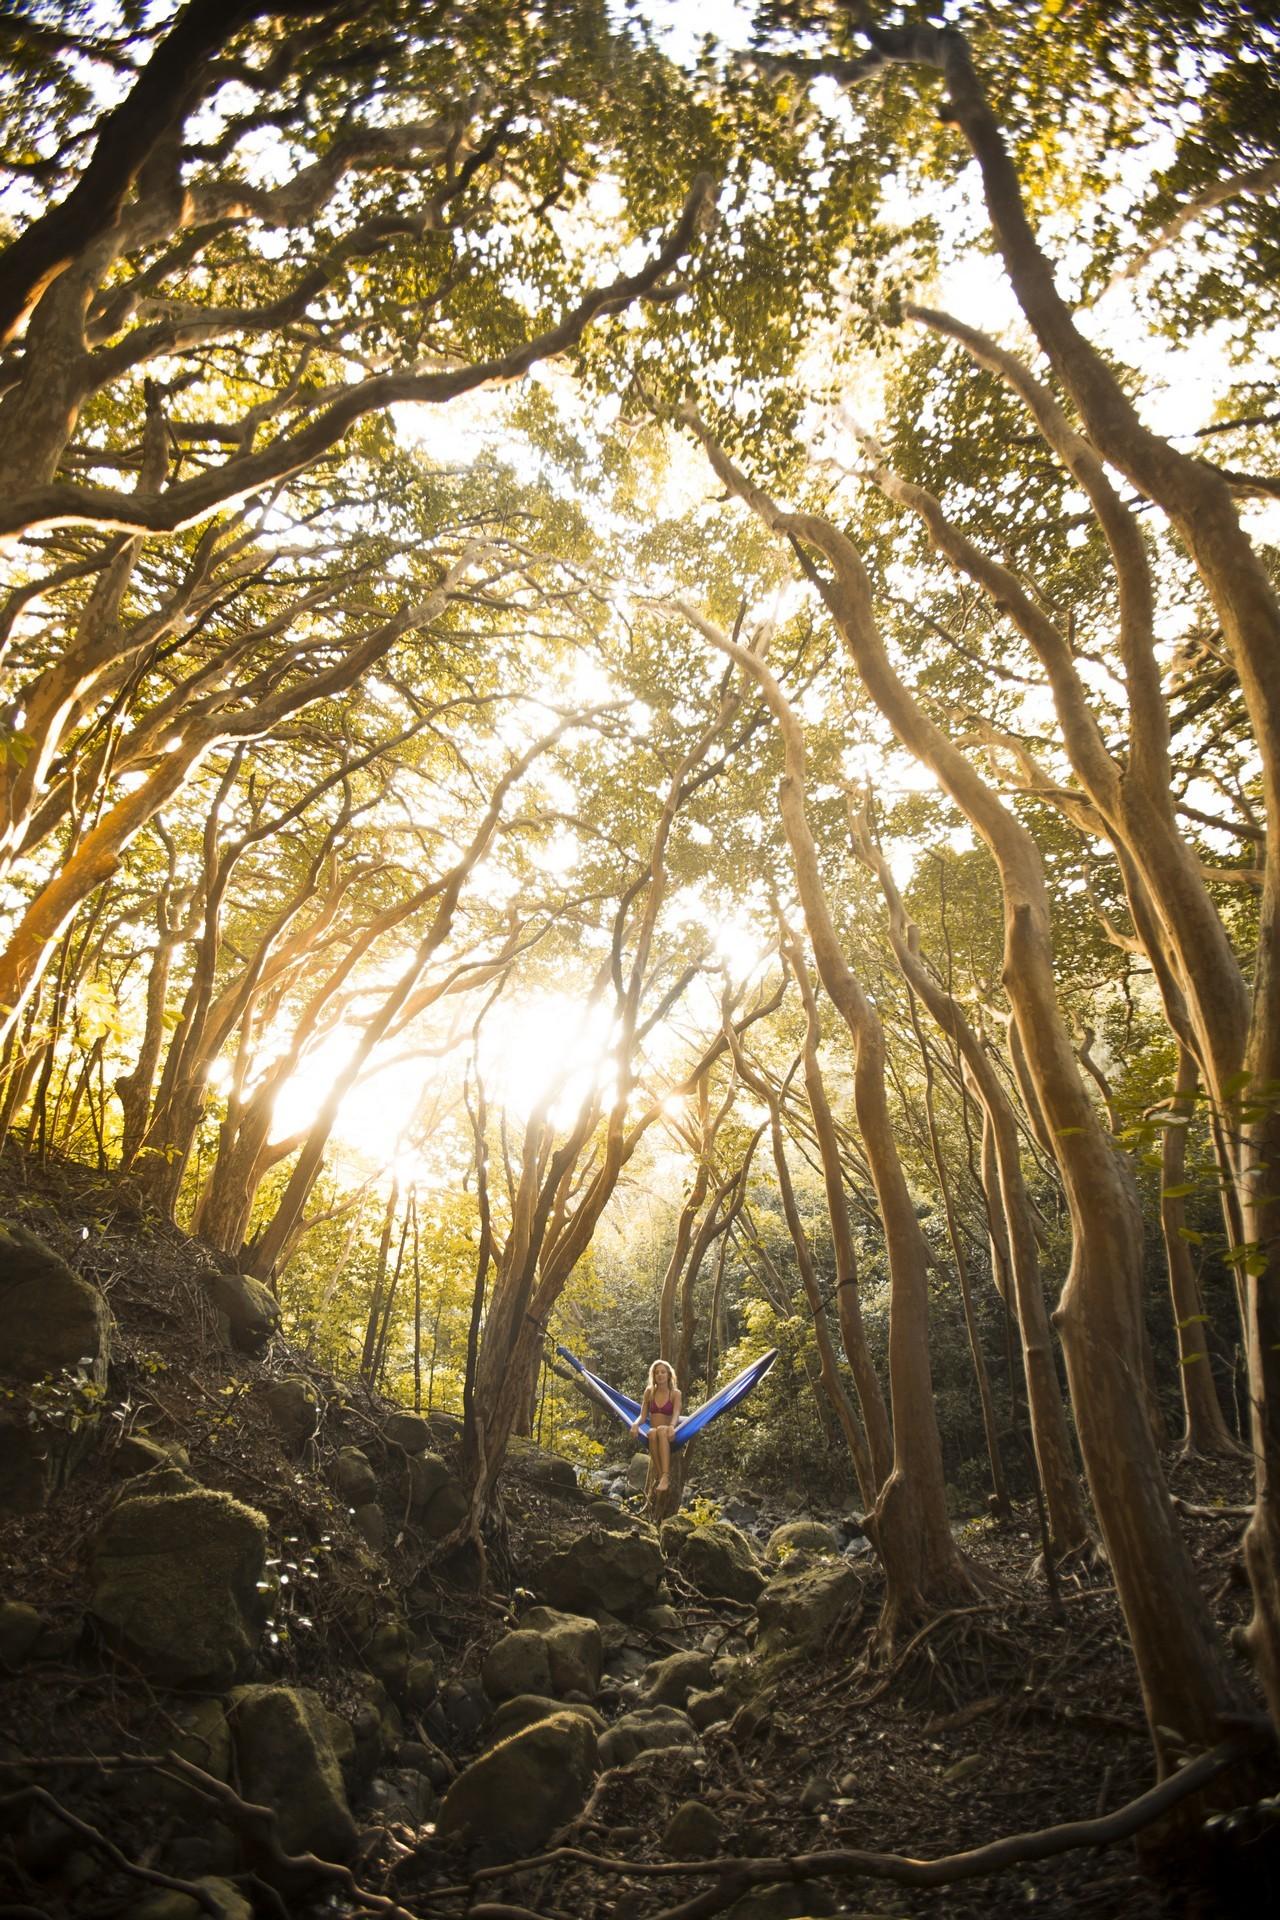 Гамак висит в лесу.